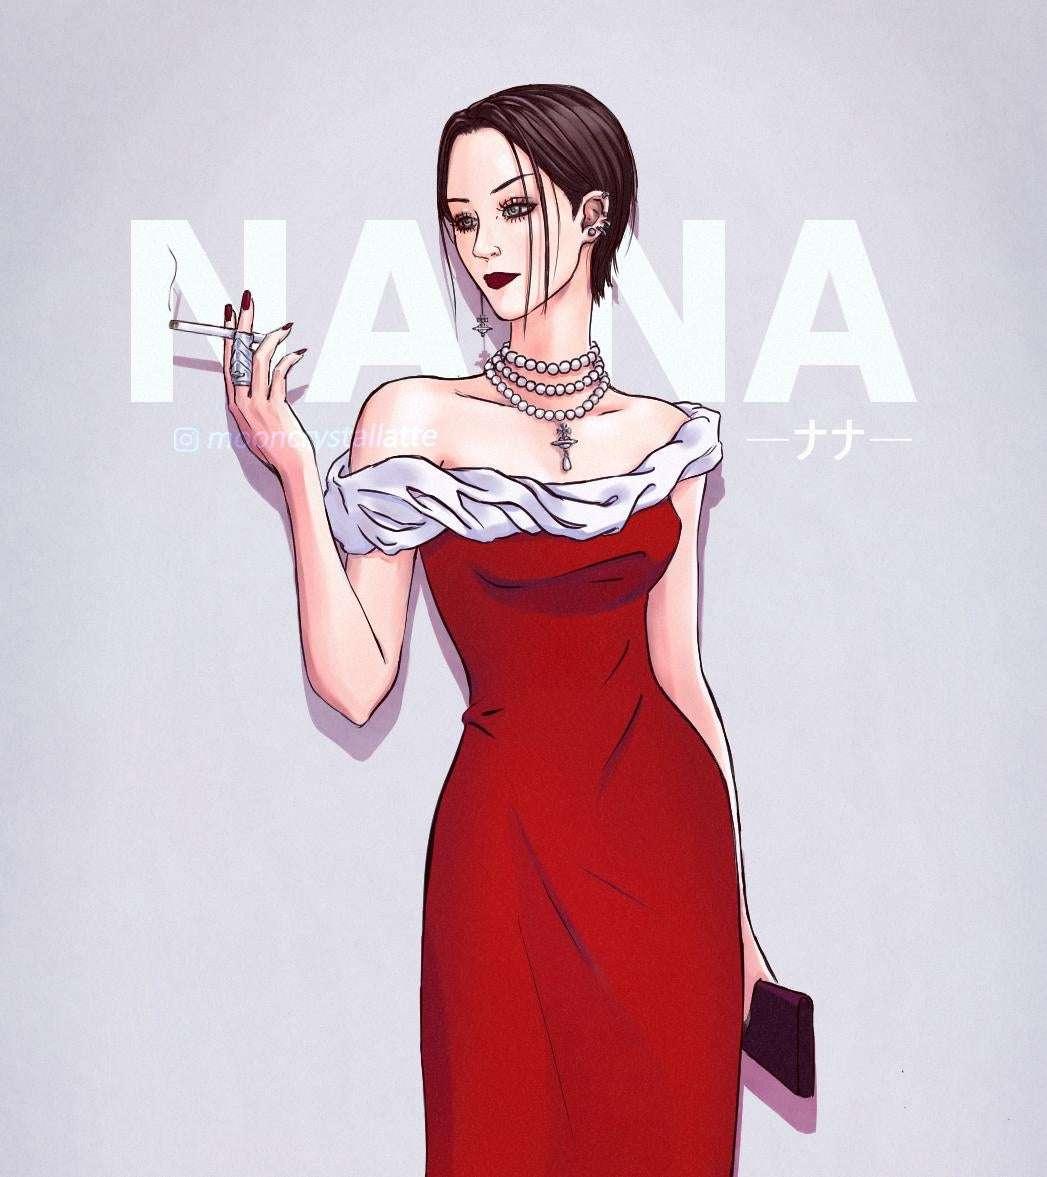 Nana Osaki, Nana